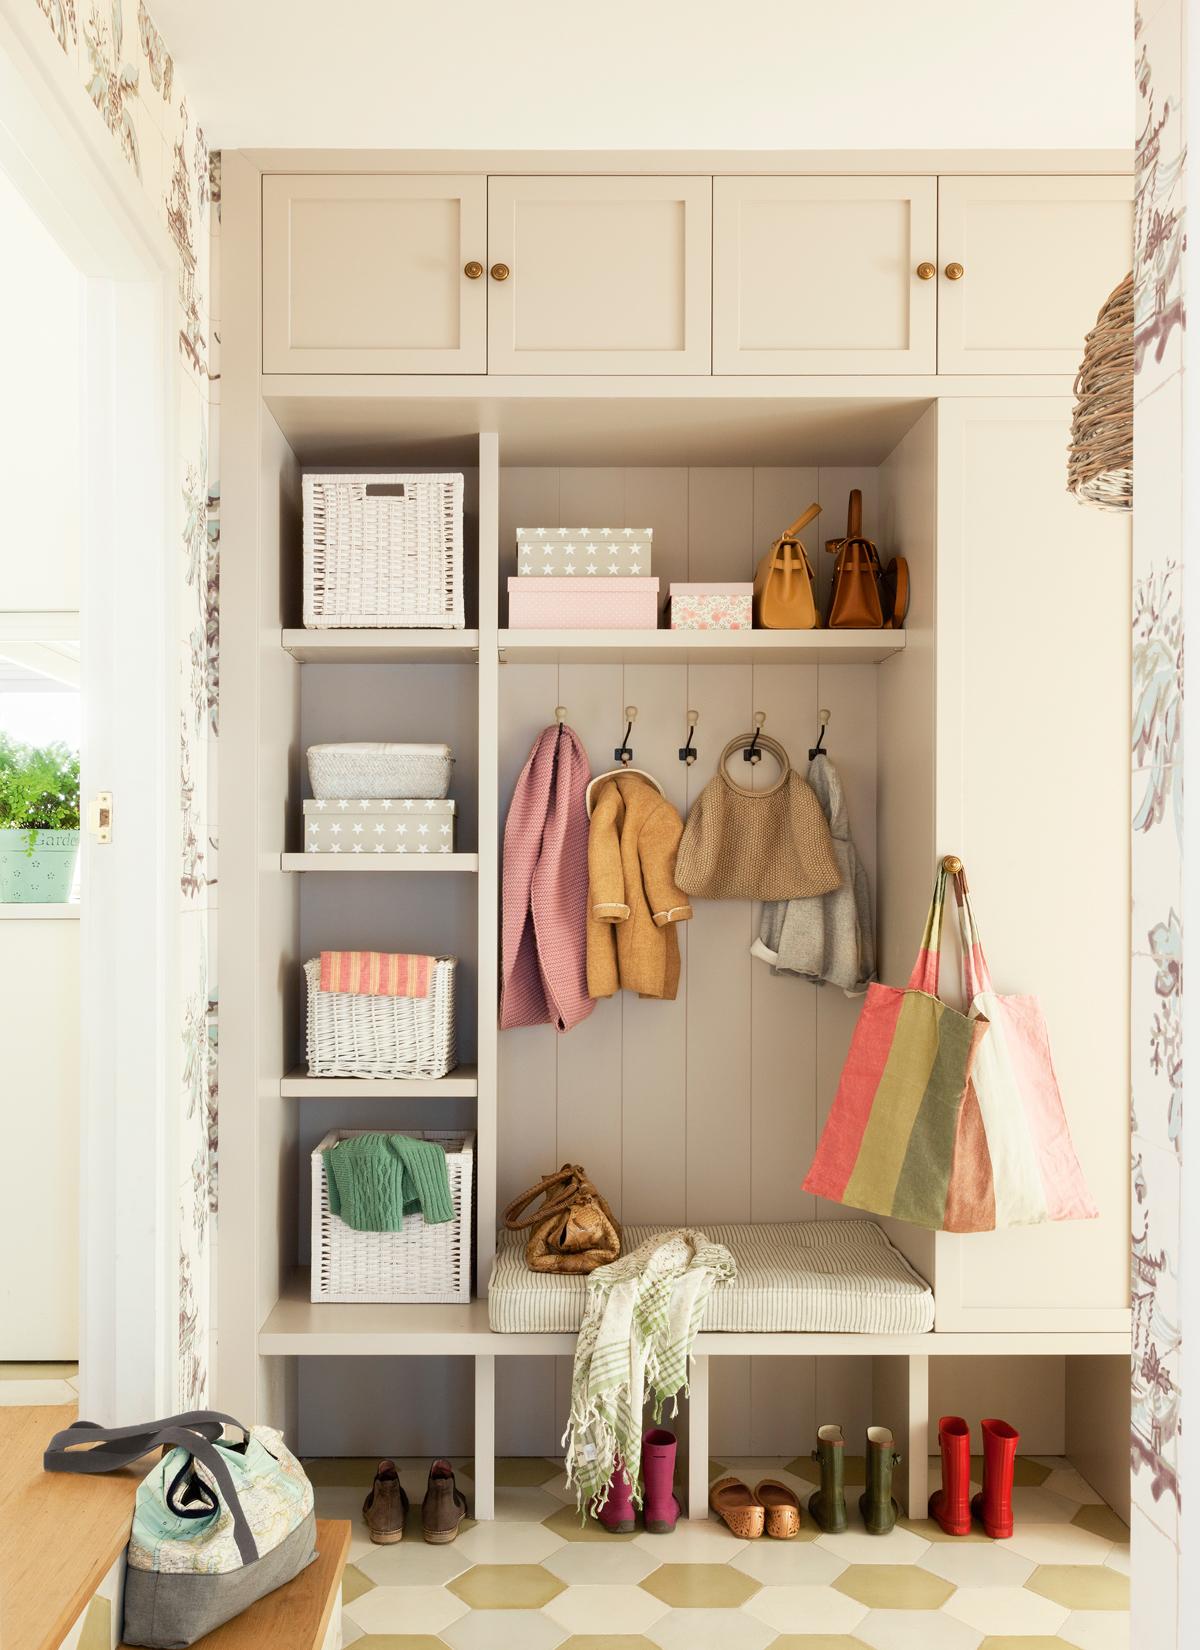 10 ideas geniales para recibidores peque os - Recibidor con armario ...